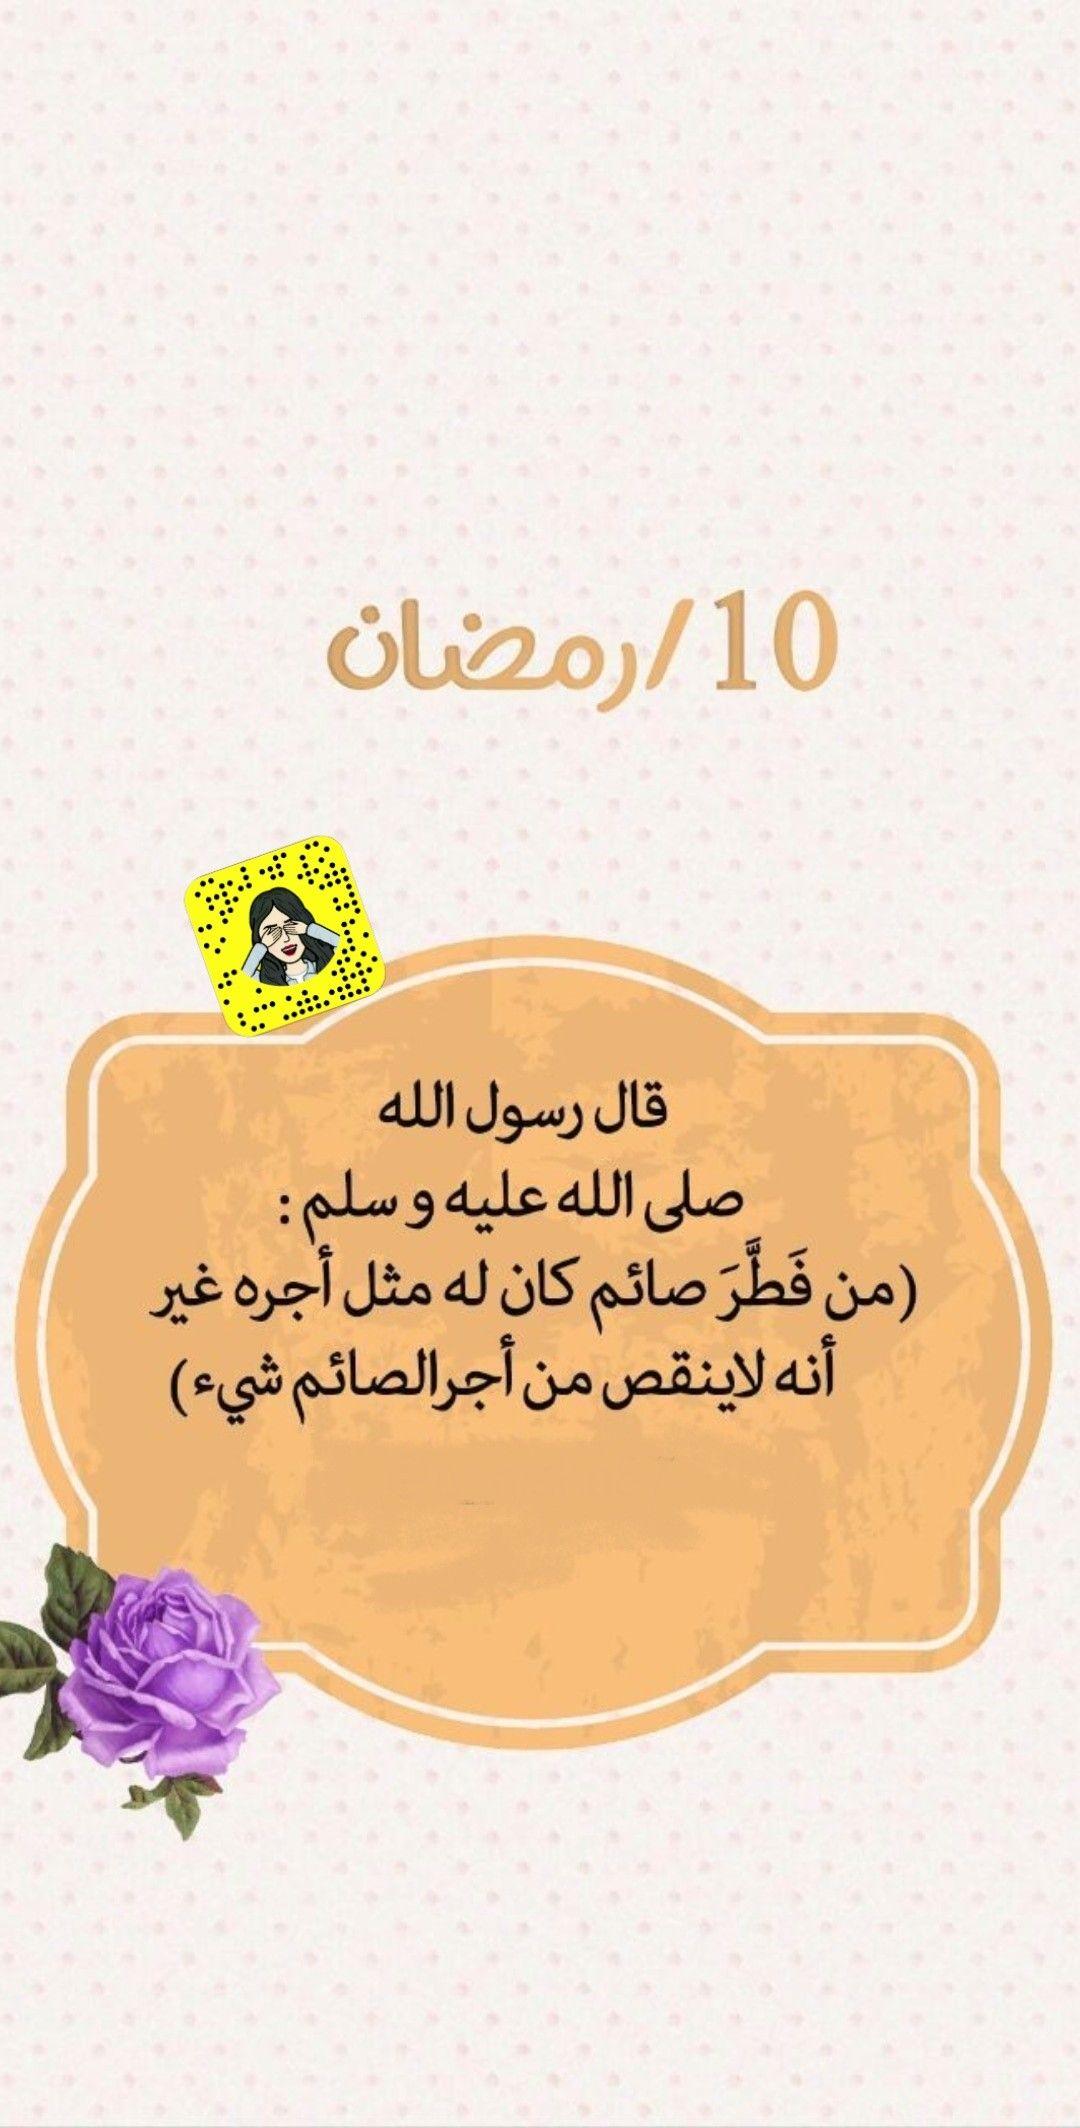 Pin By Ganate M On تغريدات دينية أيات قرآنية Ramadan Day Love You Boyfriend Ramadan